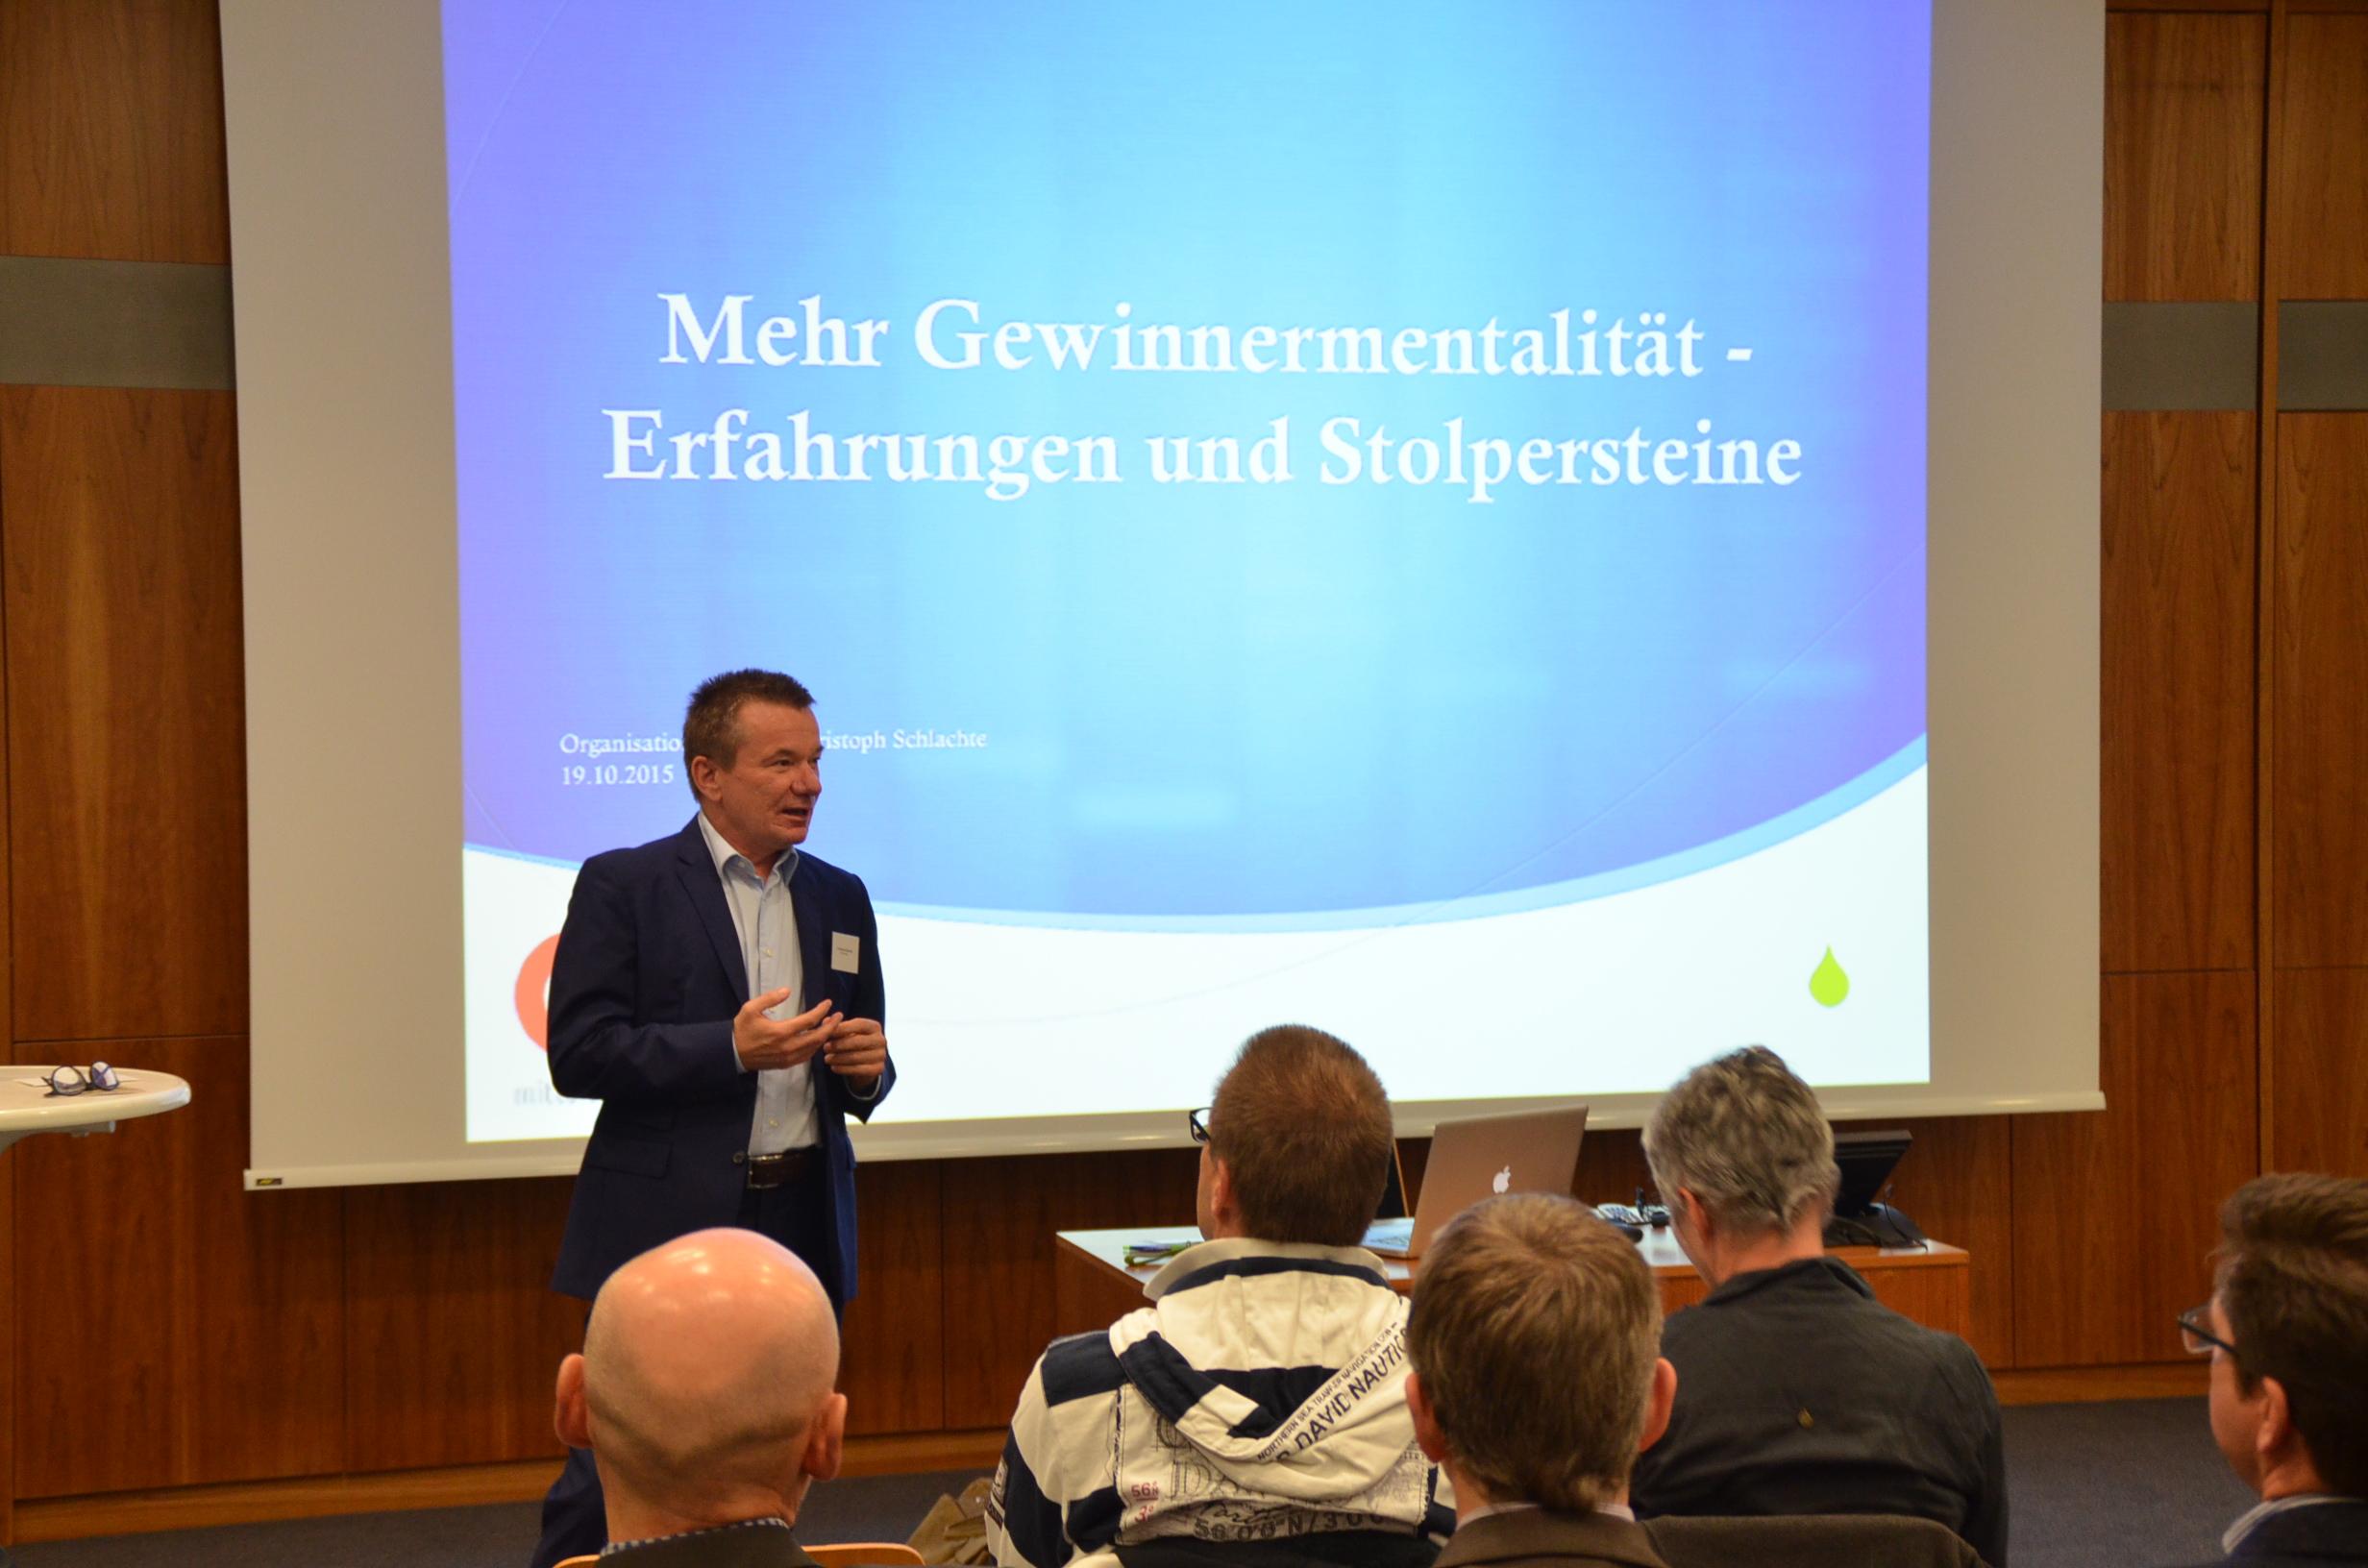 Christoph Schlachte -Organisationsberater und Business Coach im Großraum Nürnberg, Fürth, Erlangen oder Bayern, Deutschland - bei einem Vortag beim BVMW im Oktober 2015